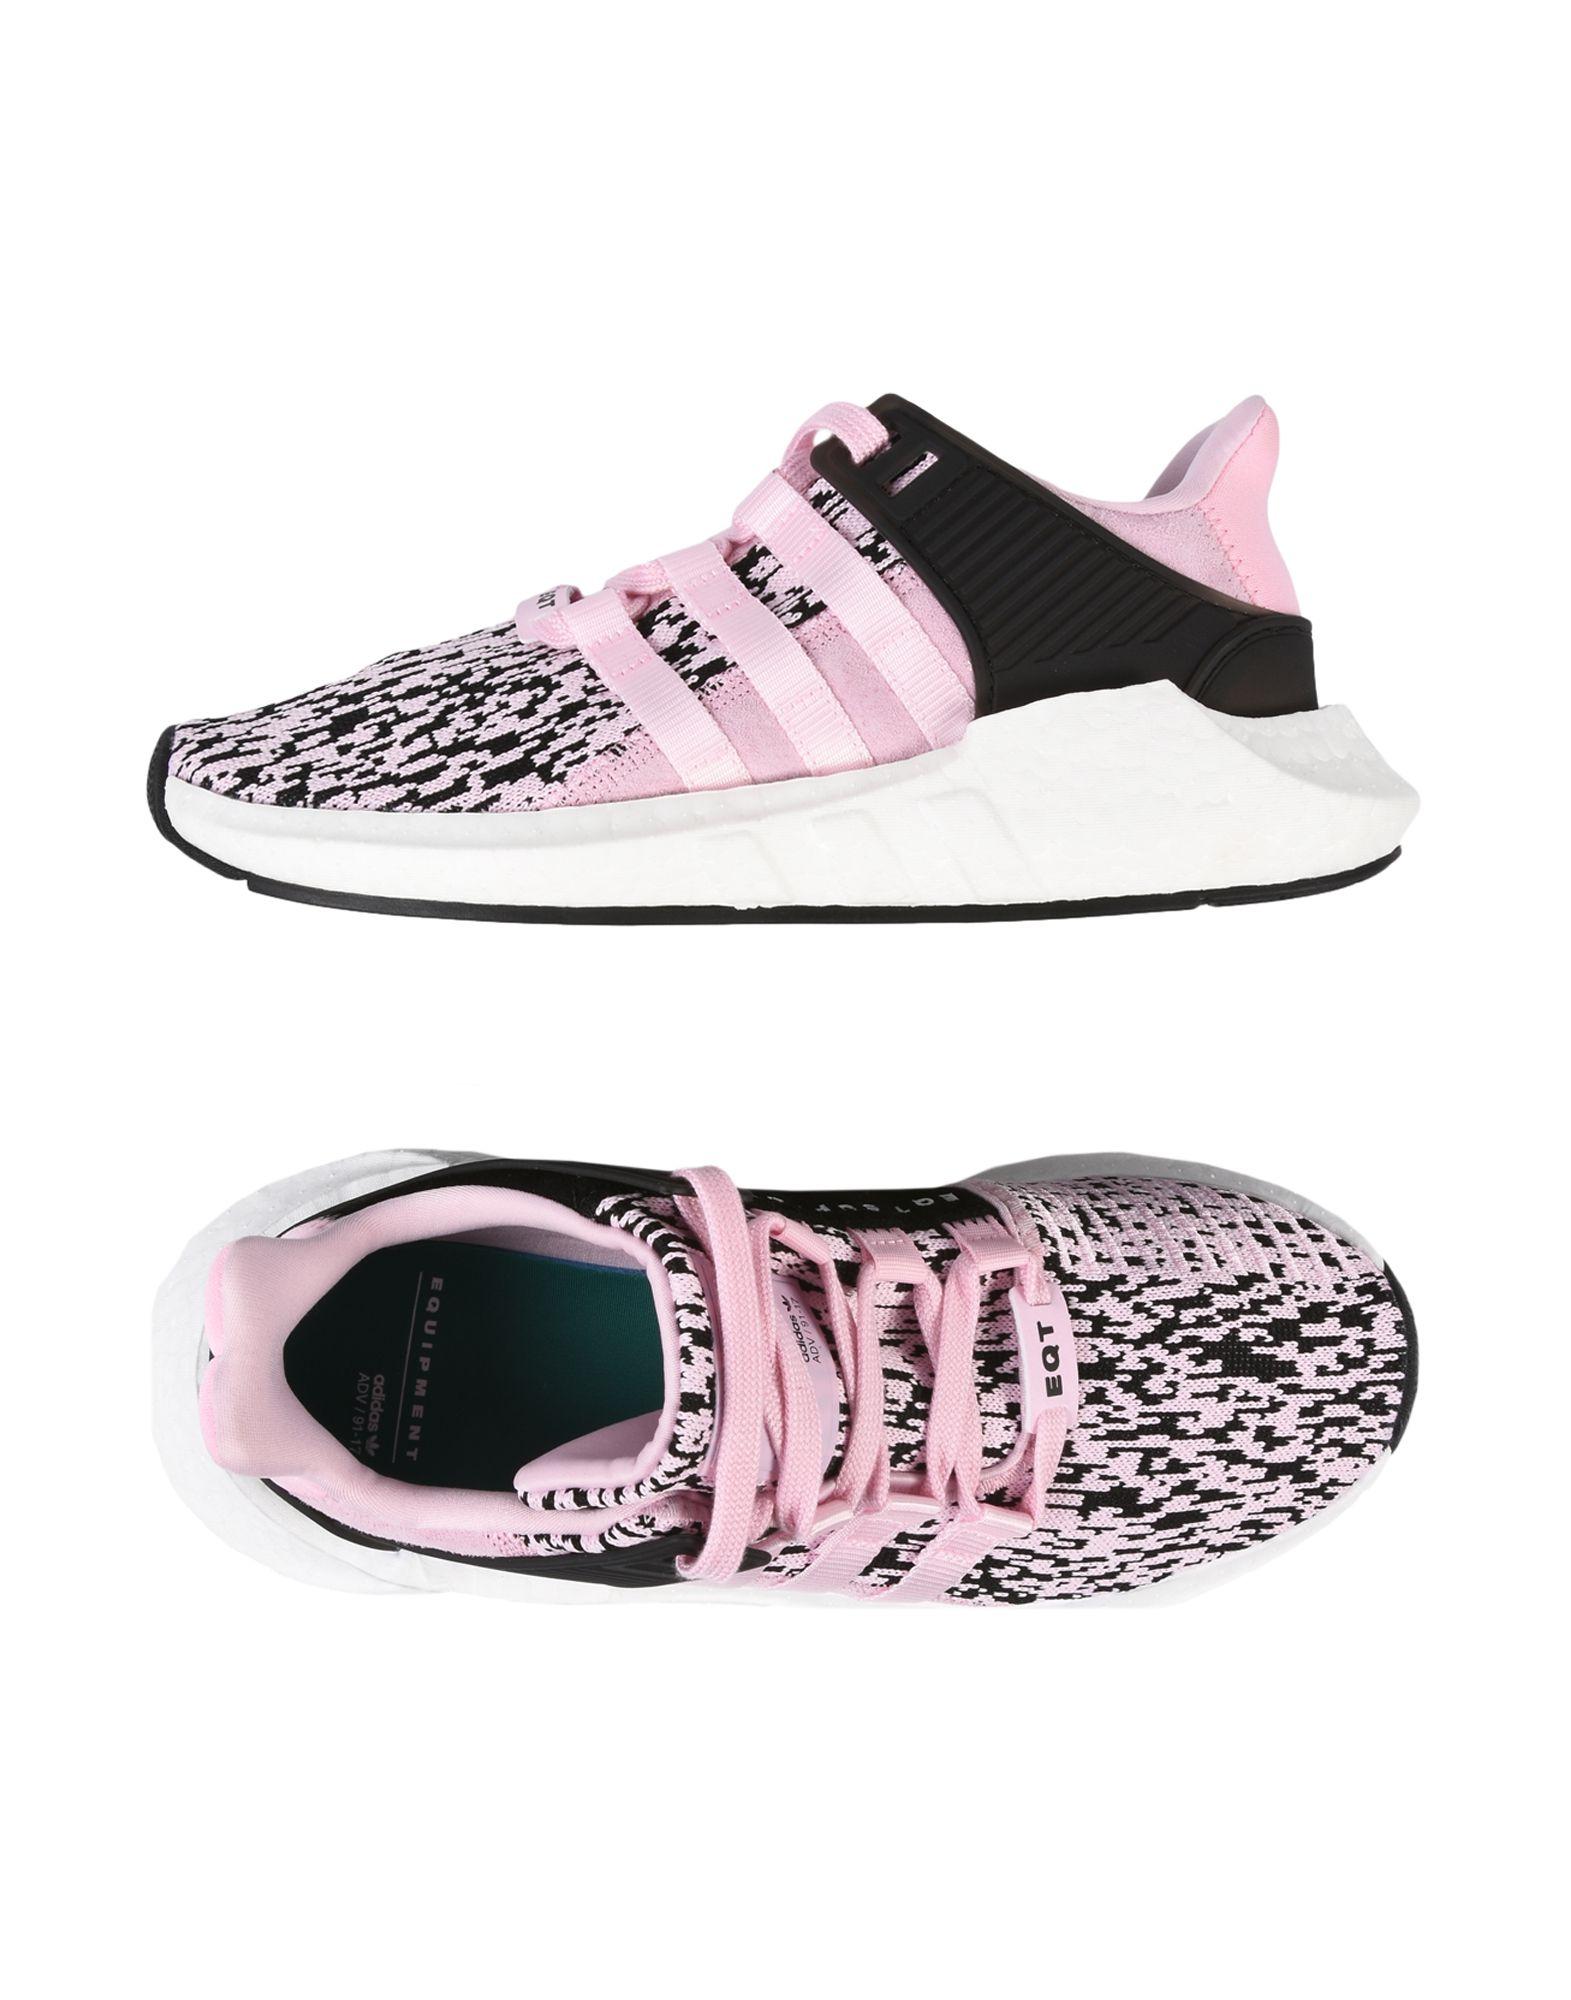 Sneakers Adidas Originals Donna Eqt Support 93/17 - Donna Originals - 11307975NW c9b63c